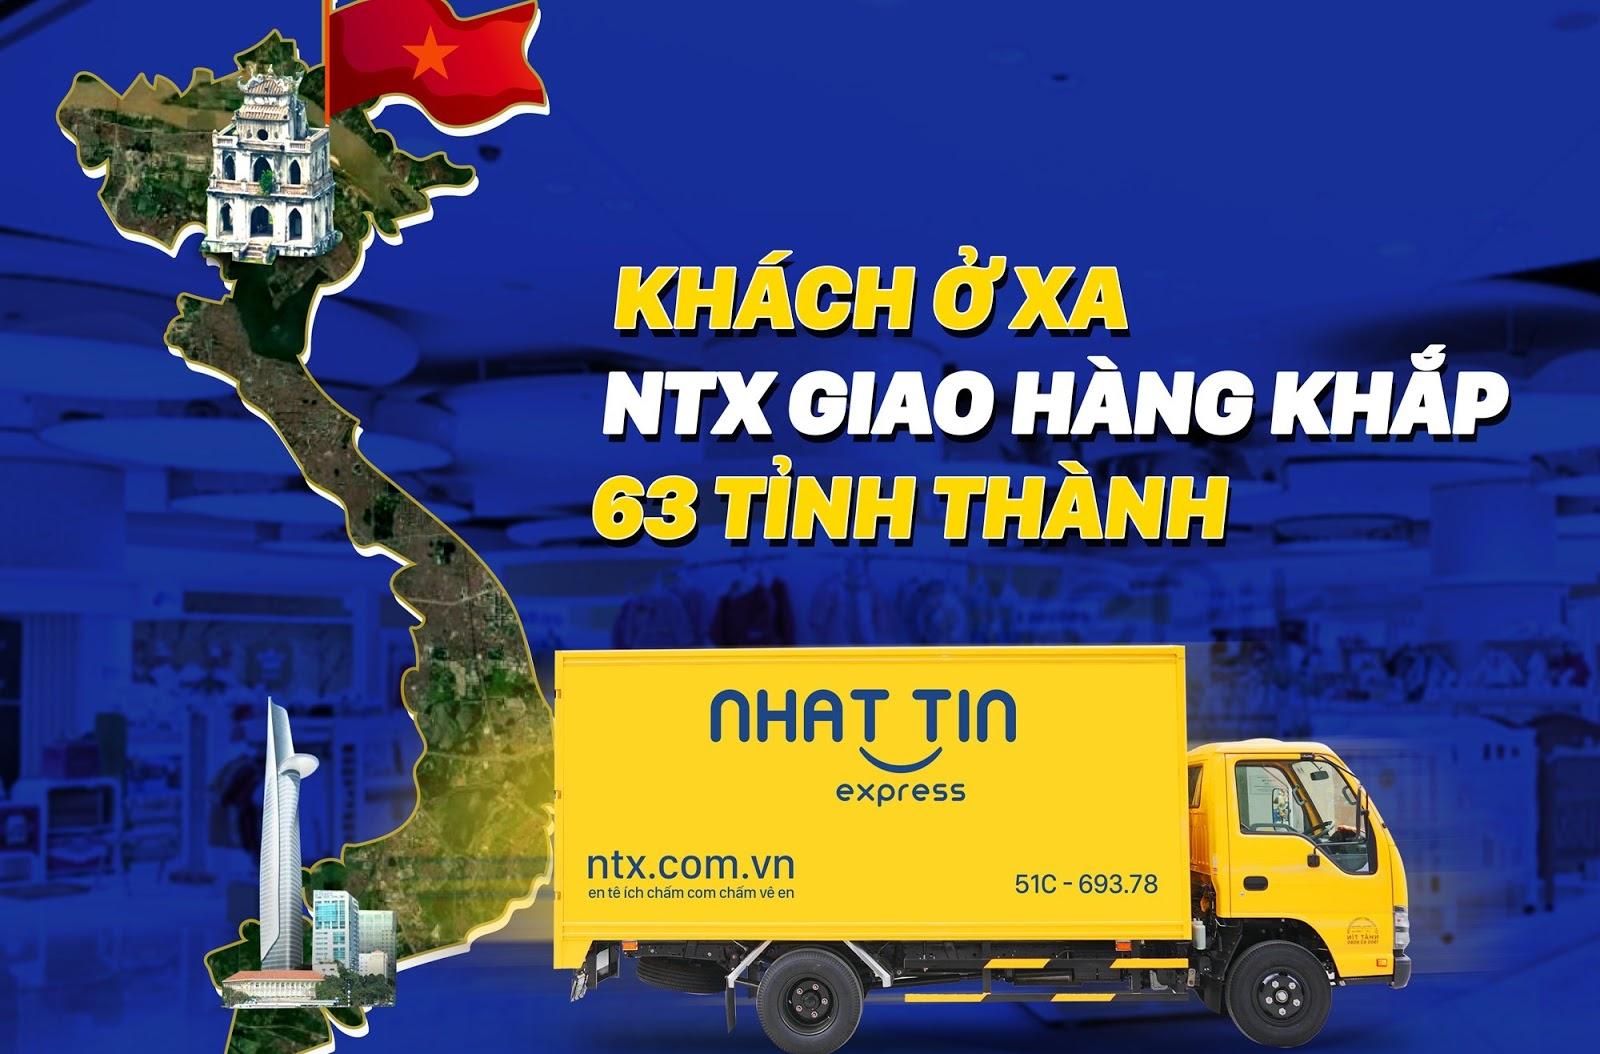 NTX - Nhất Tín Express với ứng dụng hỗ trợ tra cứu chuyển phát nhanh vận đơn nhanh chóng dễ dàng